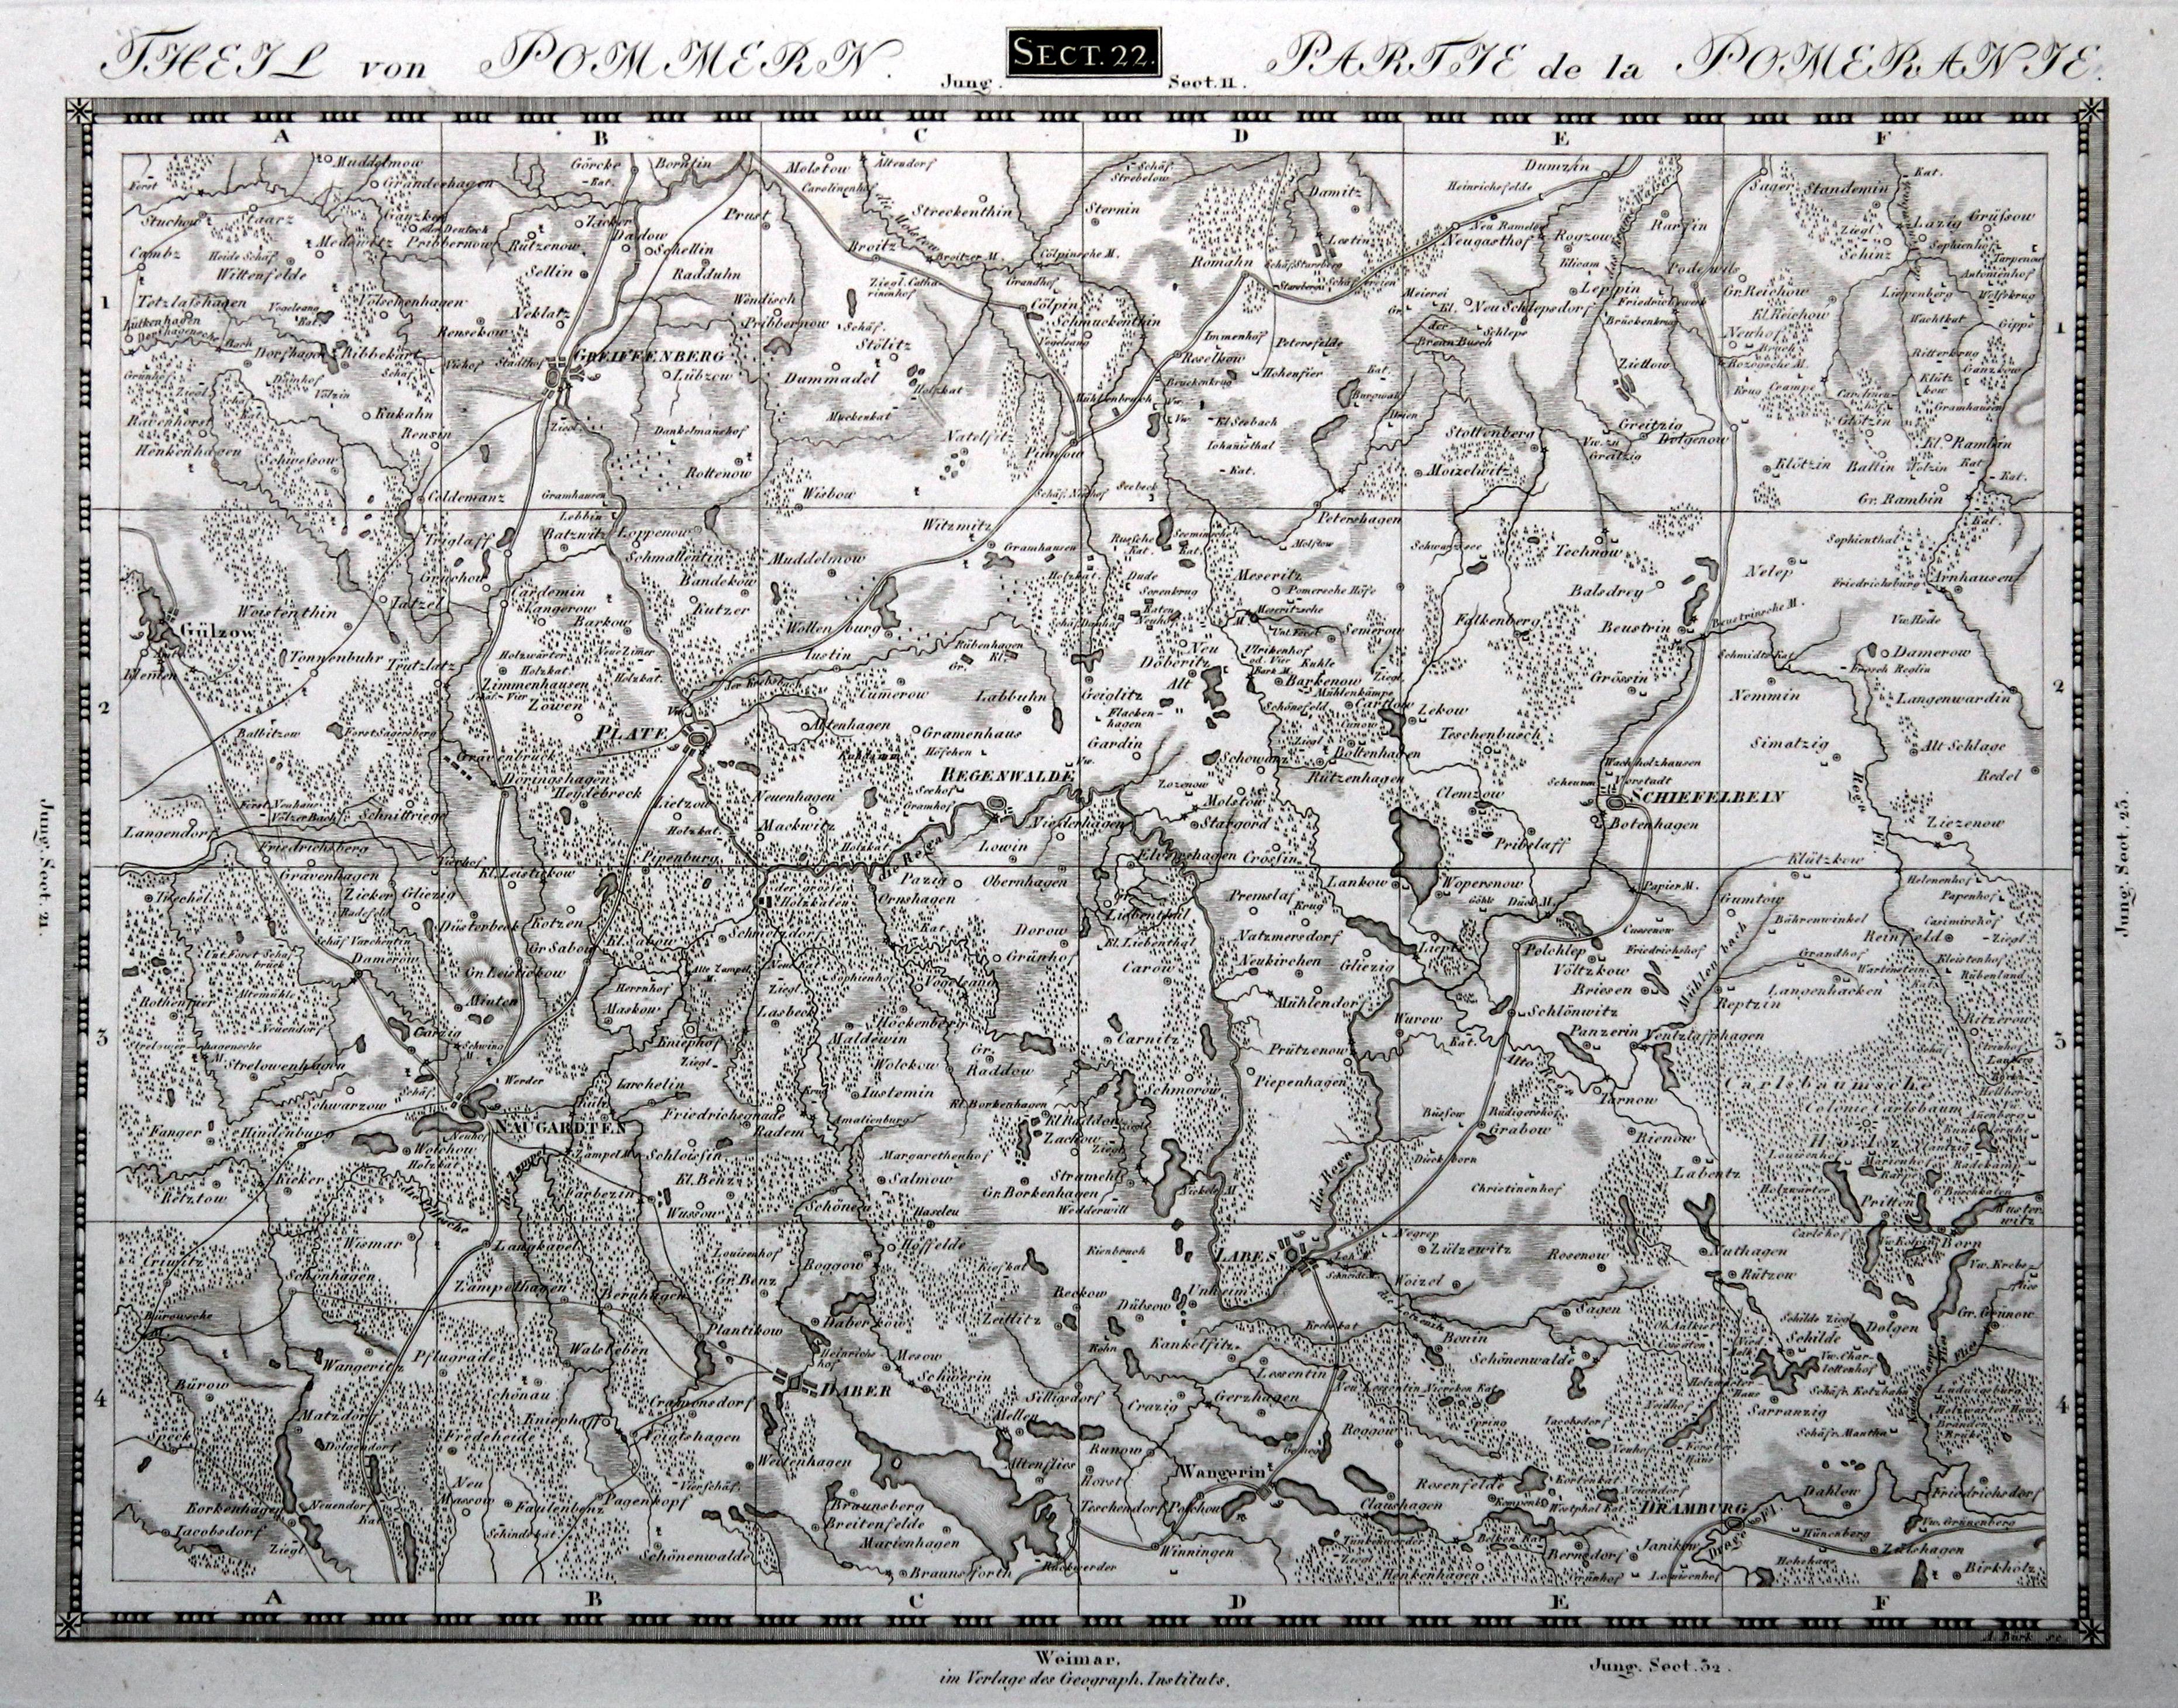 Karte Weimar Und Umgebung.Kupferstich Karte V Burk B